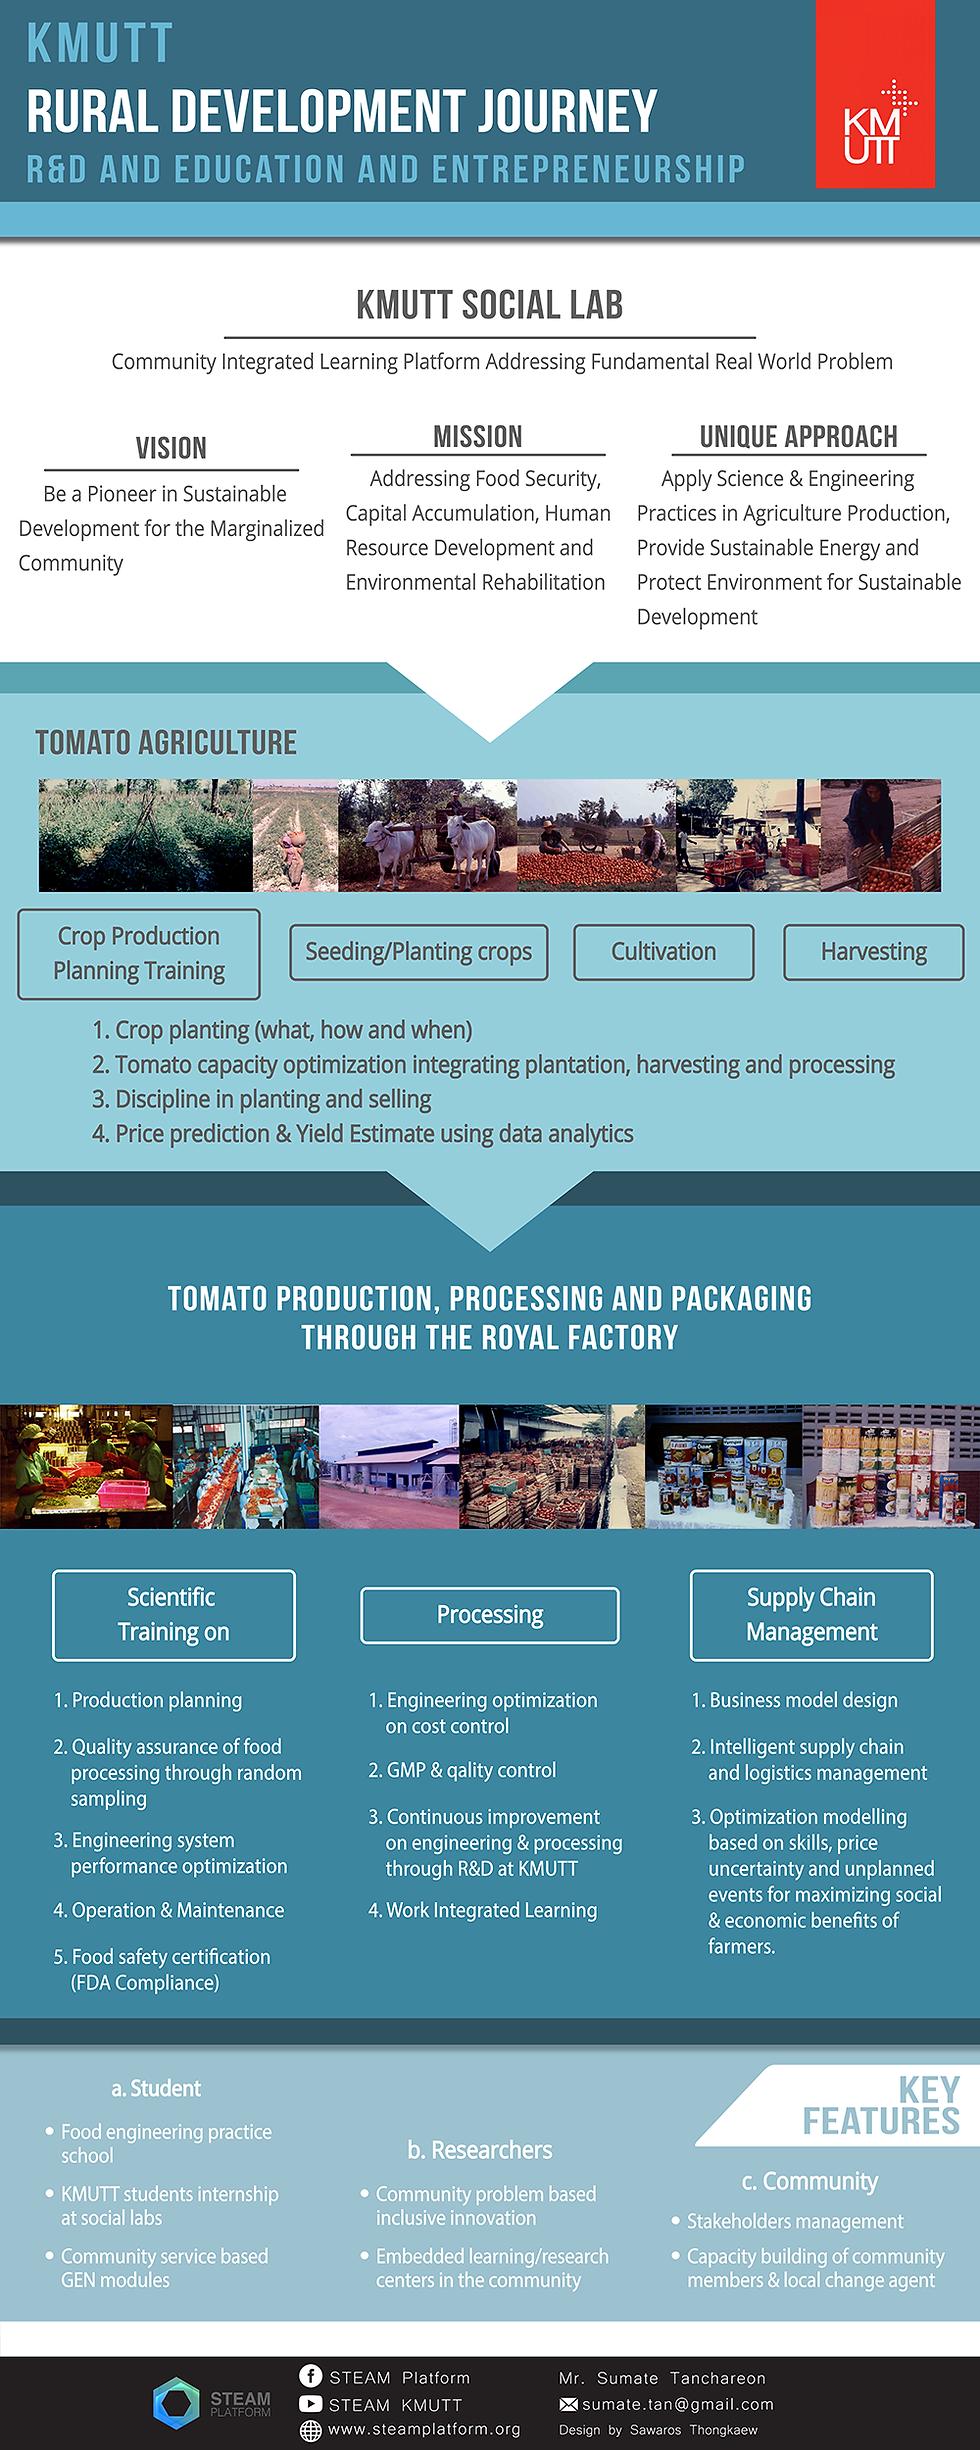 KMUTT Rural Development Journey